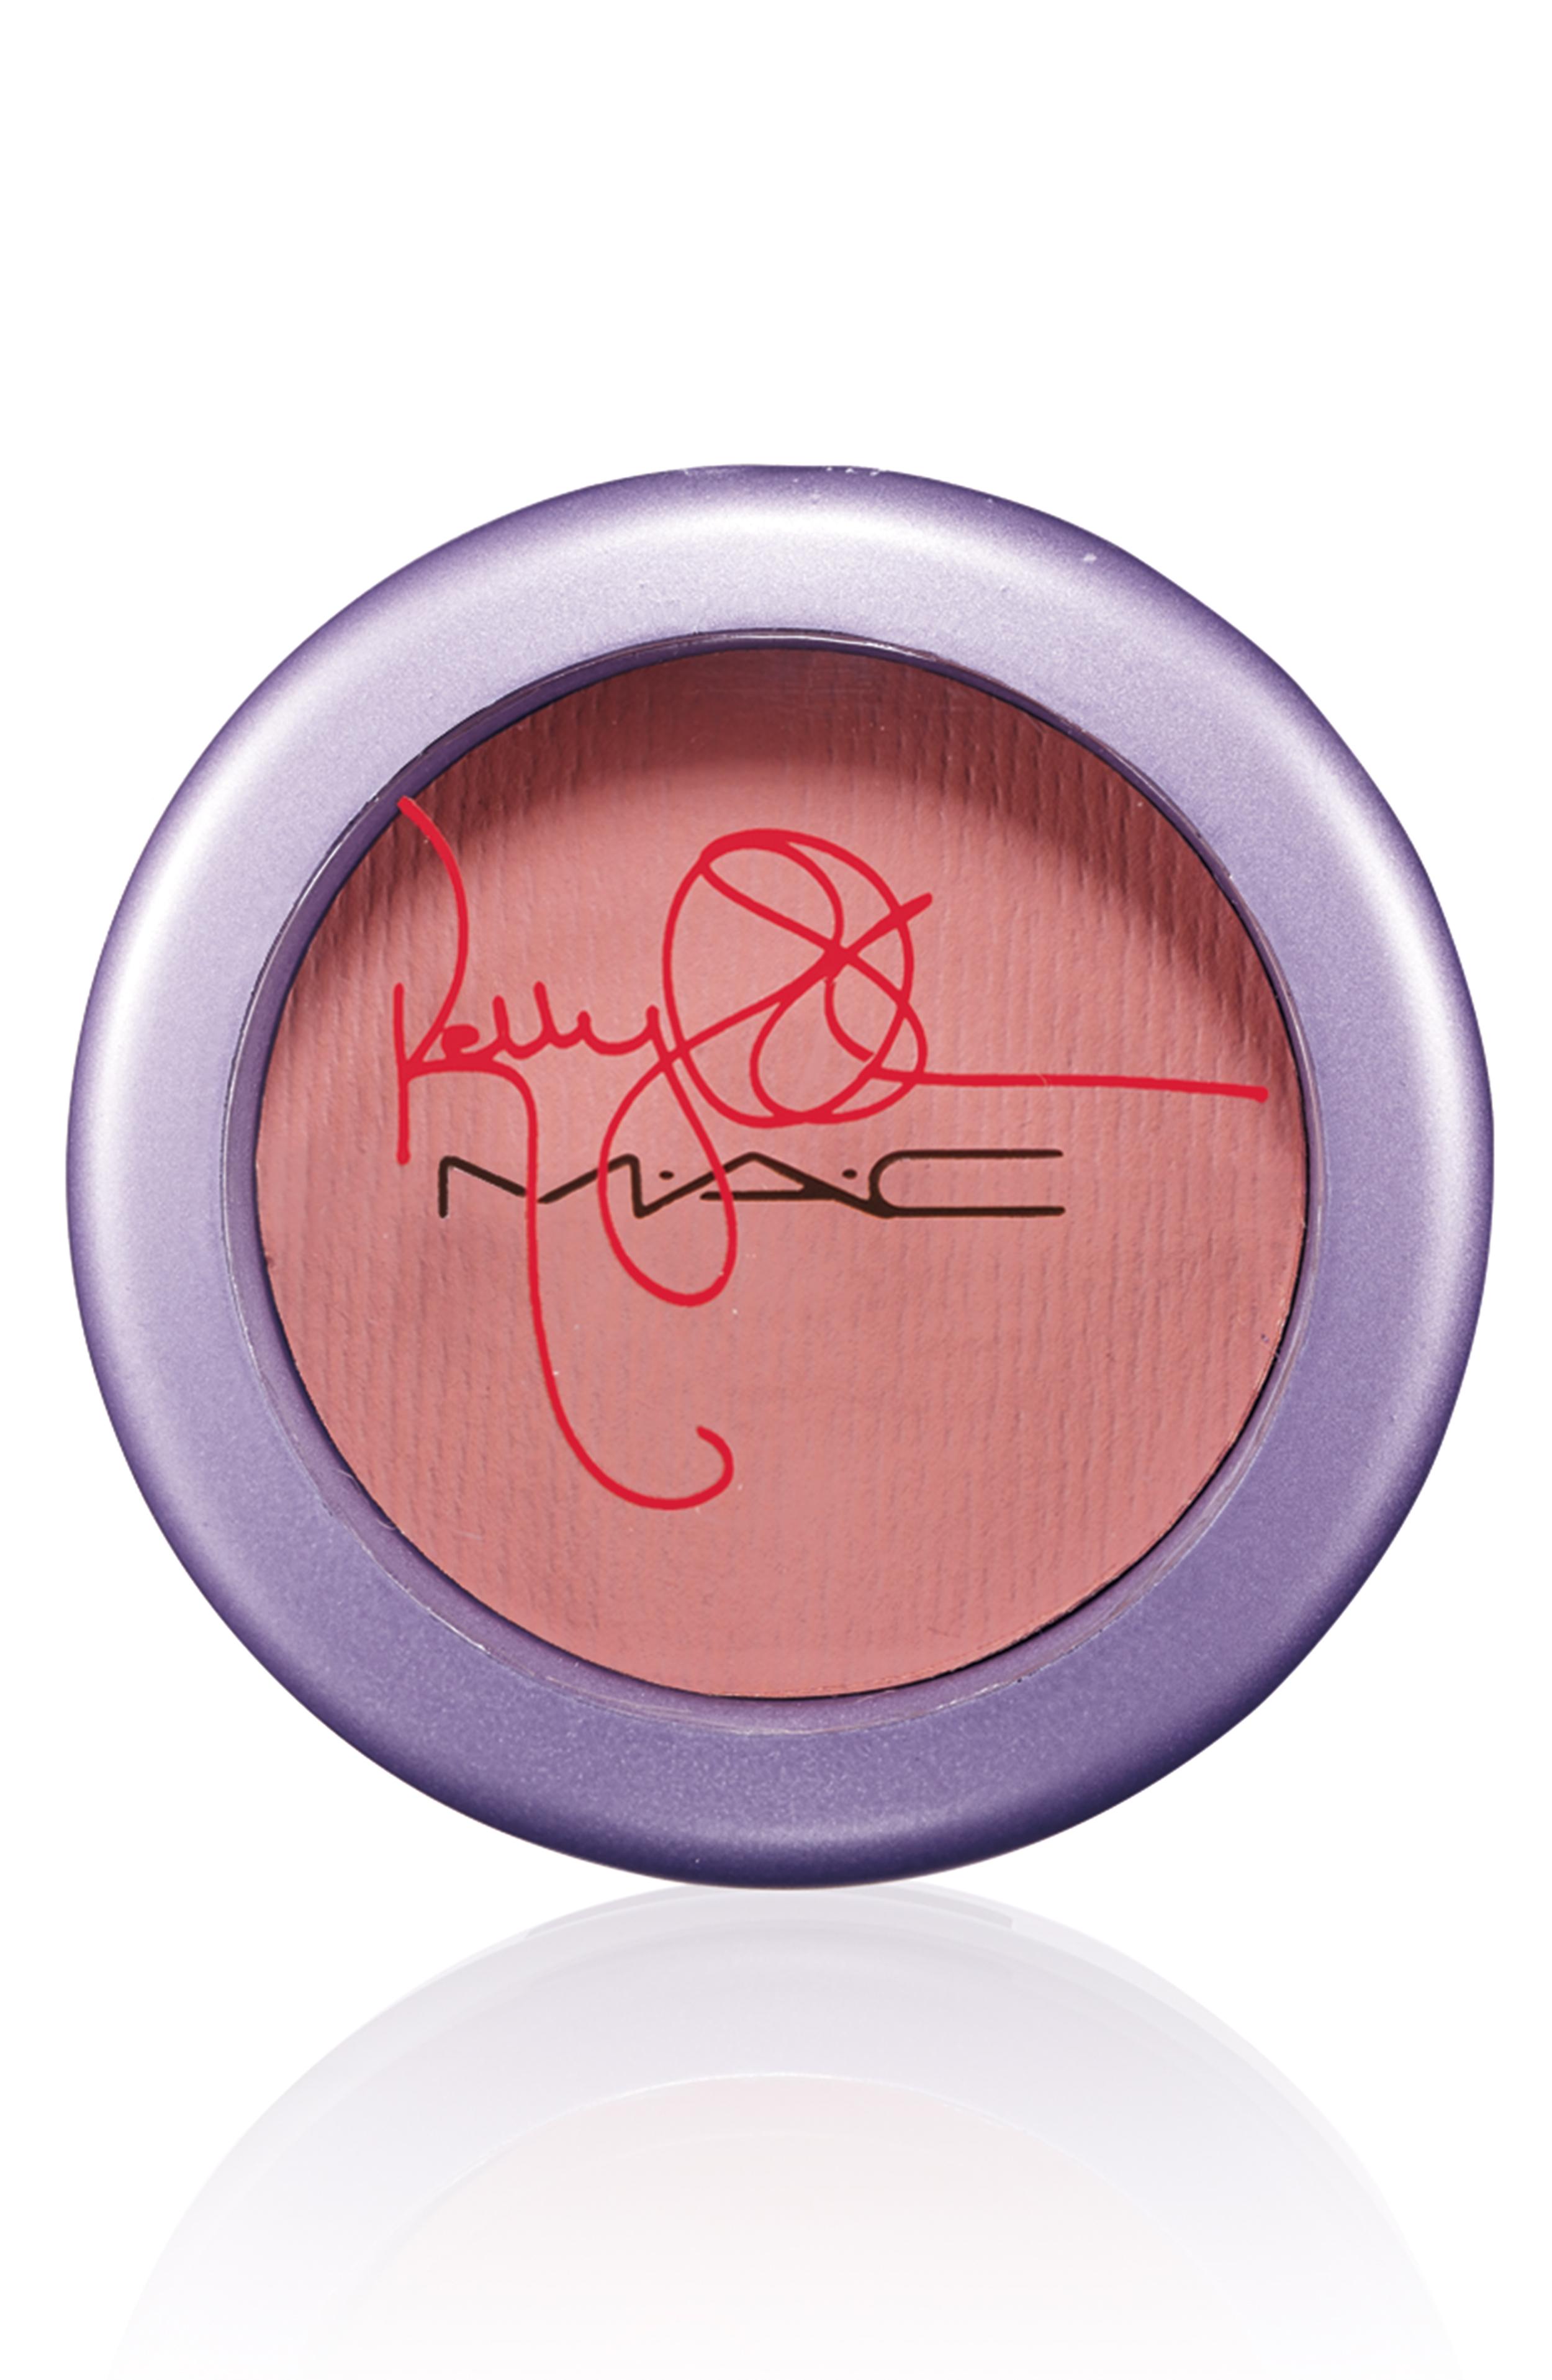 M.A.C. Kelly Osbourne Powder Blush in Cheeky Bugger